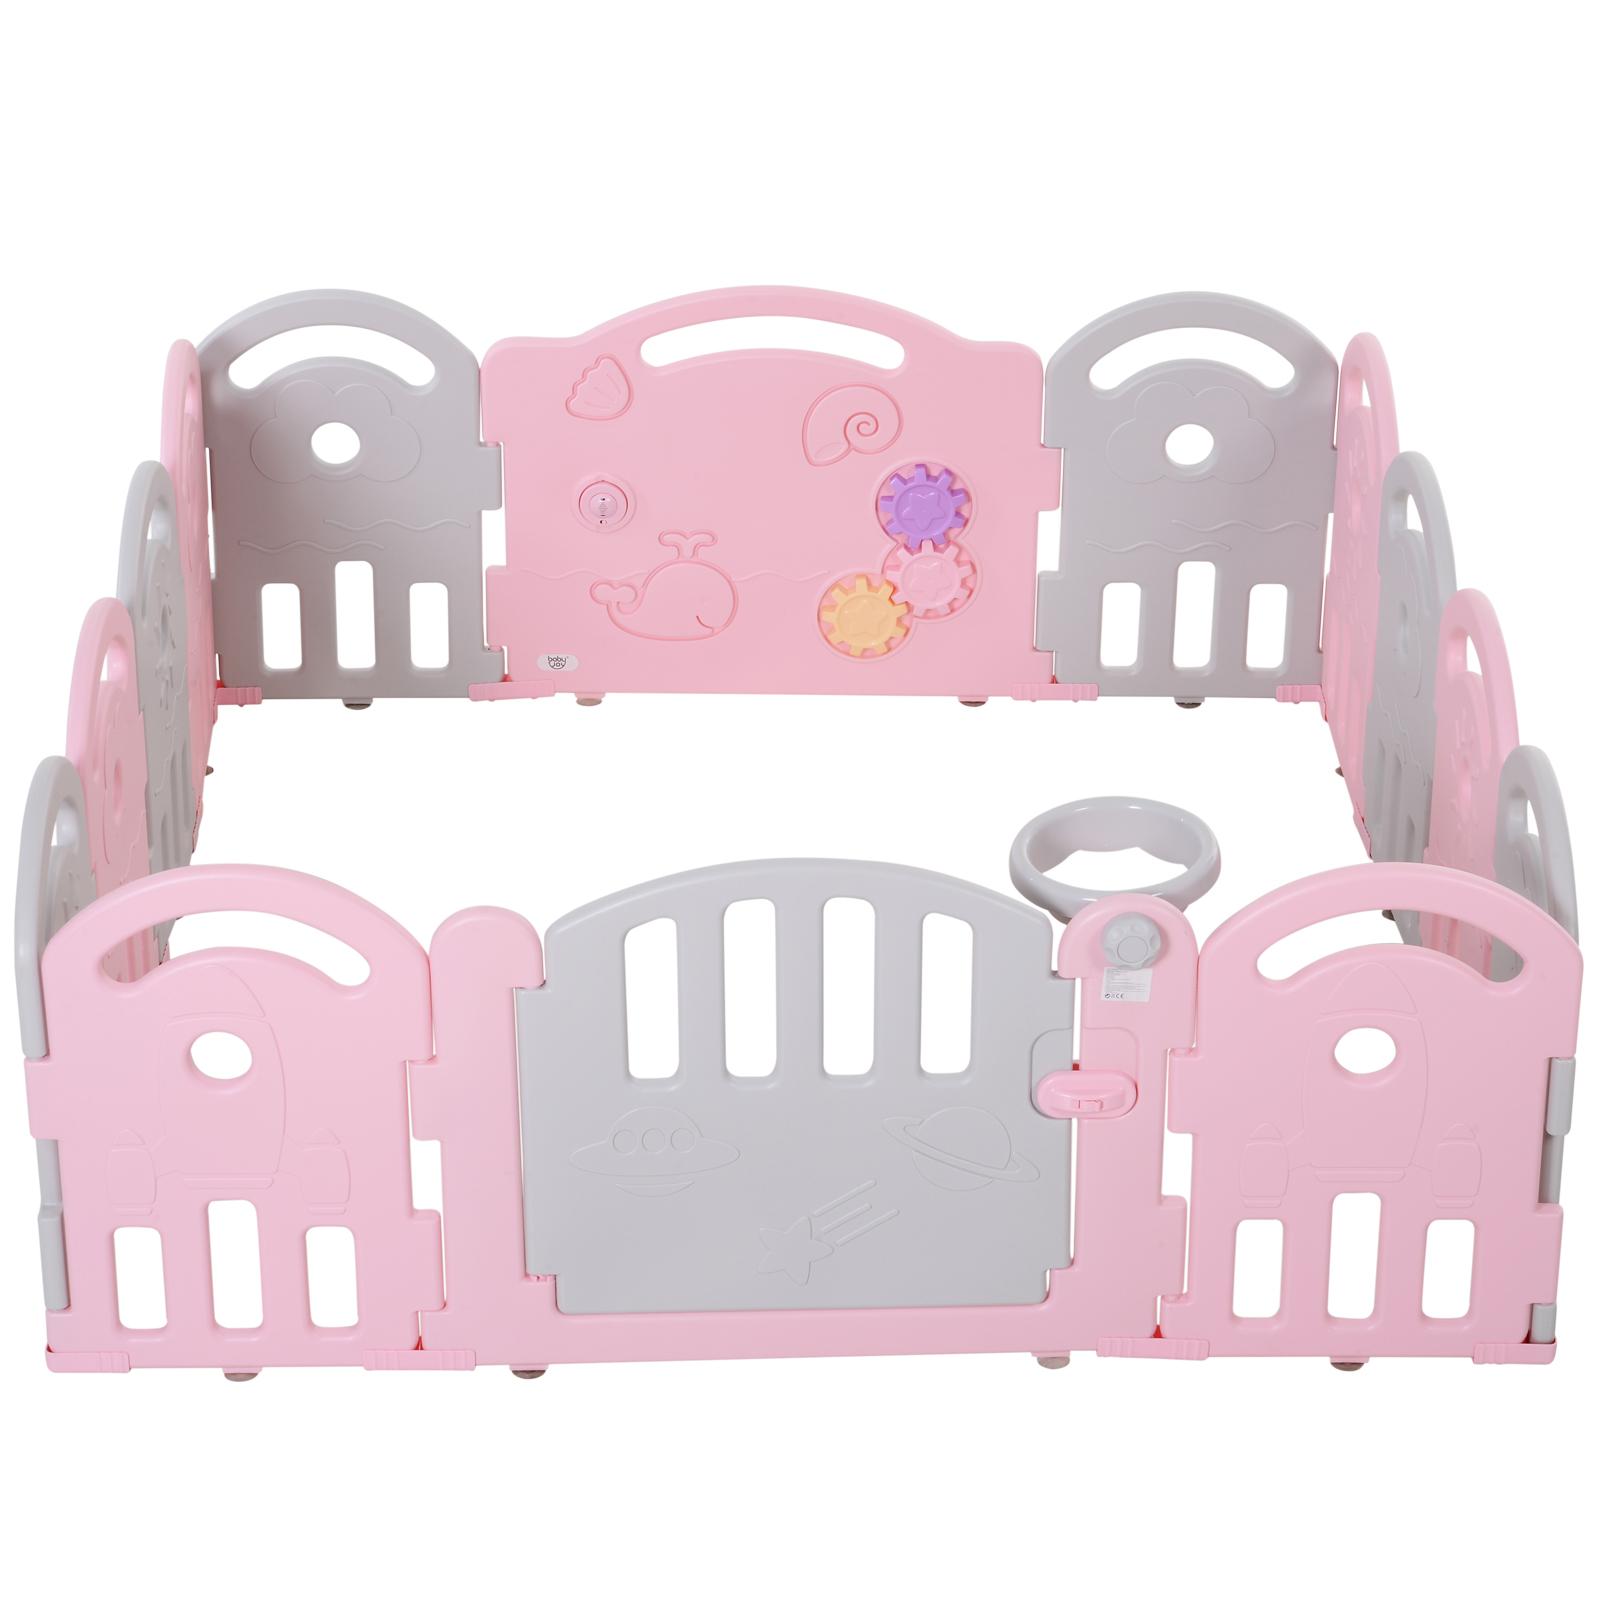 Qaba-14-Pcs-Safety-Children-Playpen-Pink-Game-Panel-Anti-Pushing-Over thumbnail 26